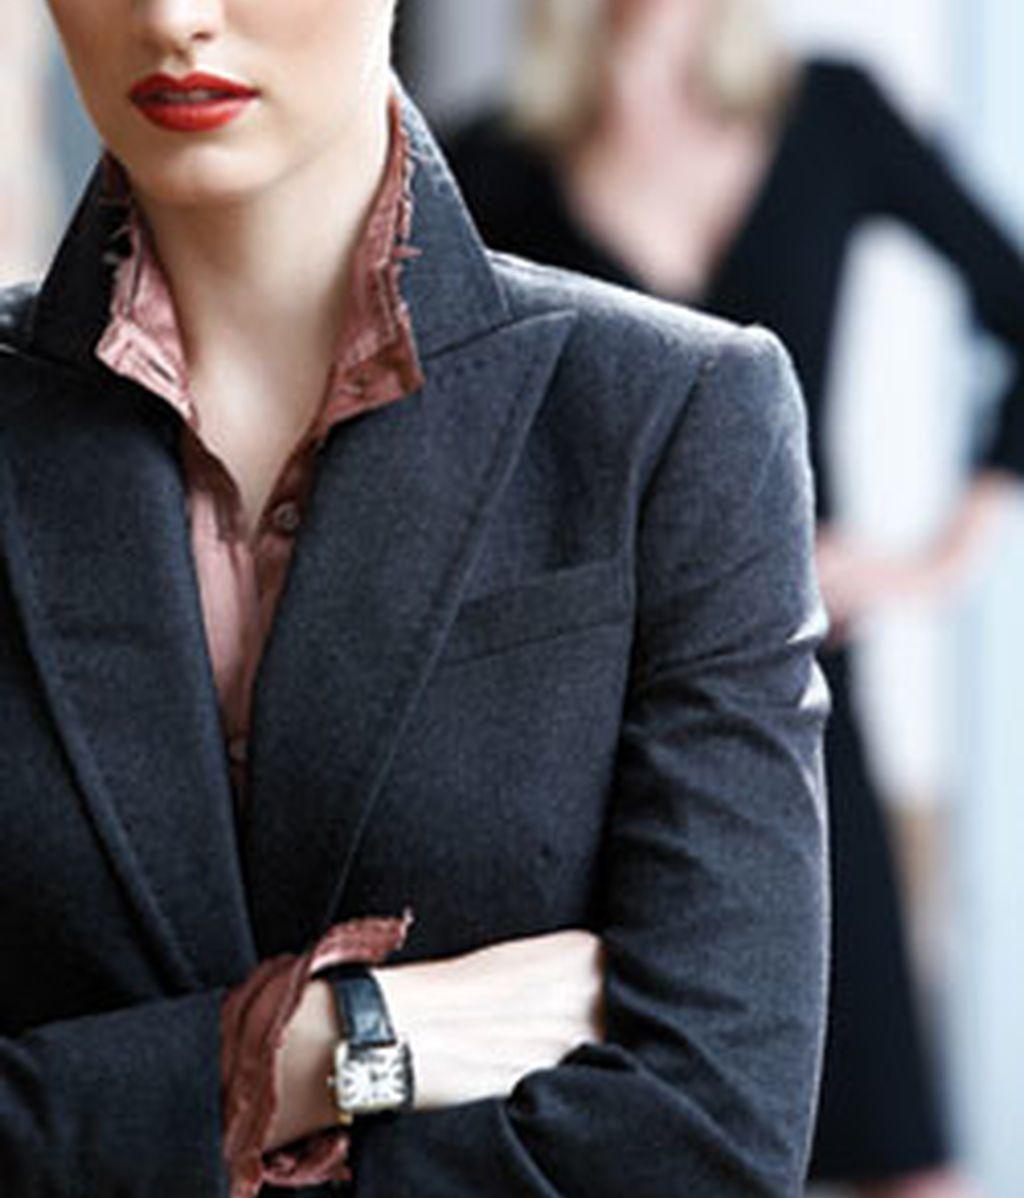 Las féminas que ocupan puestos de alta dirección trabajan en empresas de gran tamaño, con contrato indefinido y a tiempo completo.